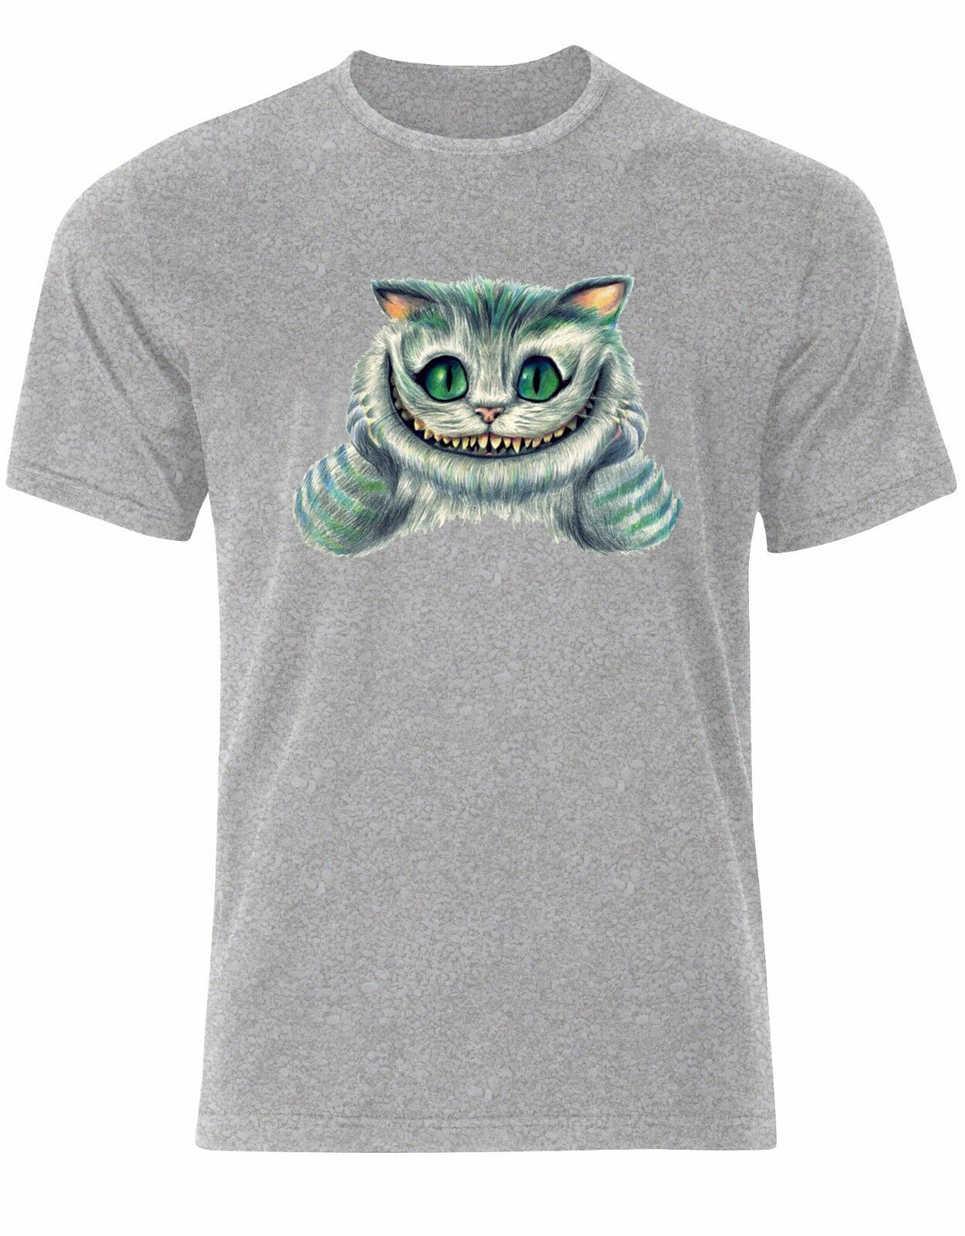 الشر القط شيشاير يبتسم الأسلحة أليس في بلاد العجائب قميص رجالي تي شيرت Ak33 رياضة تي شيرت